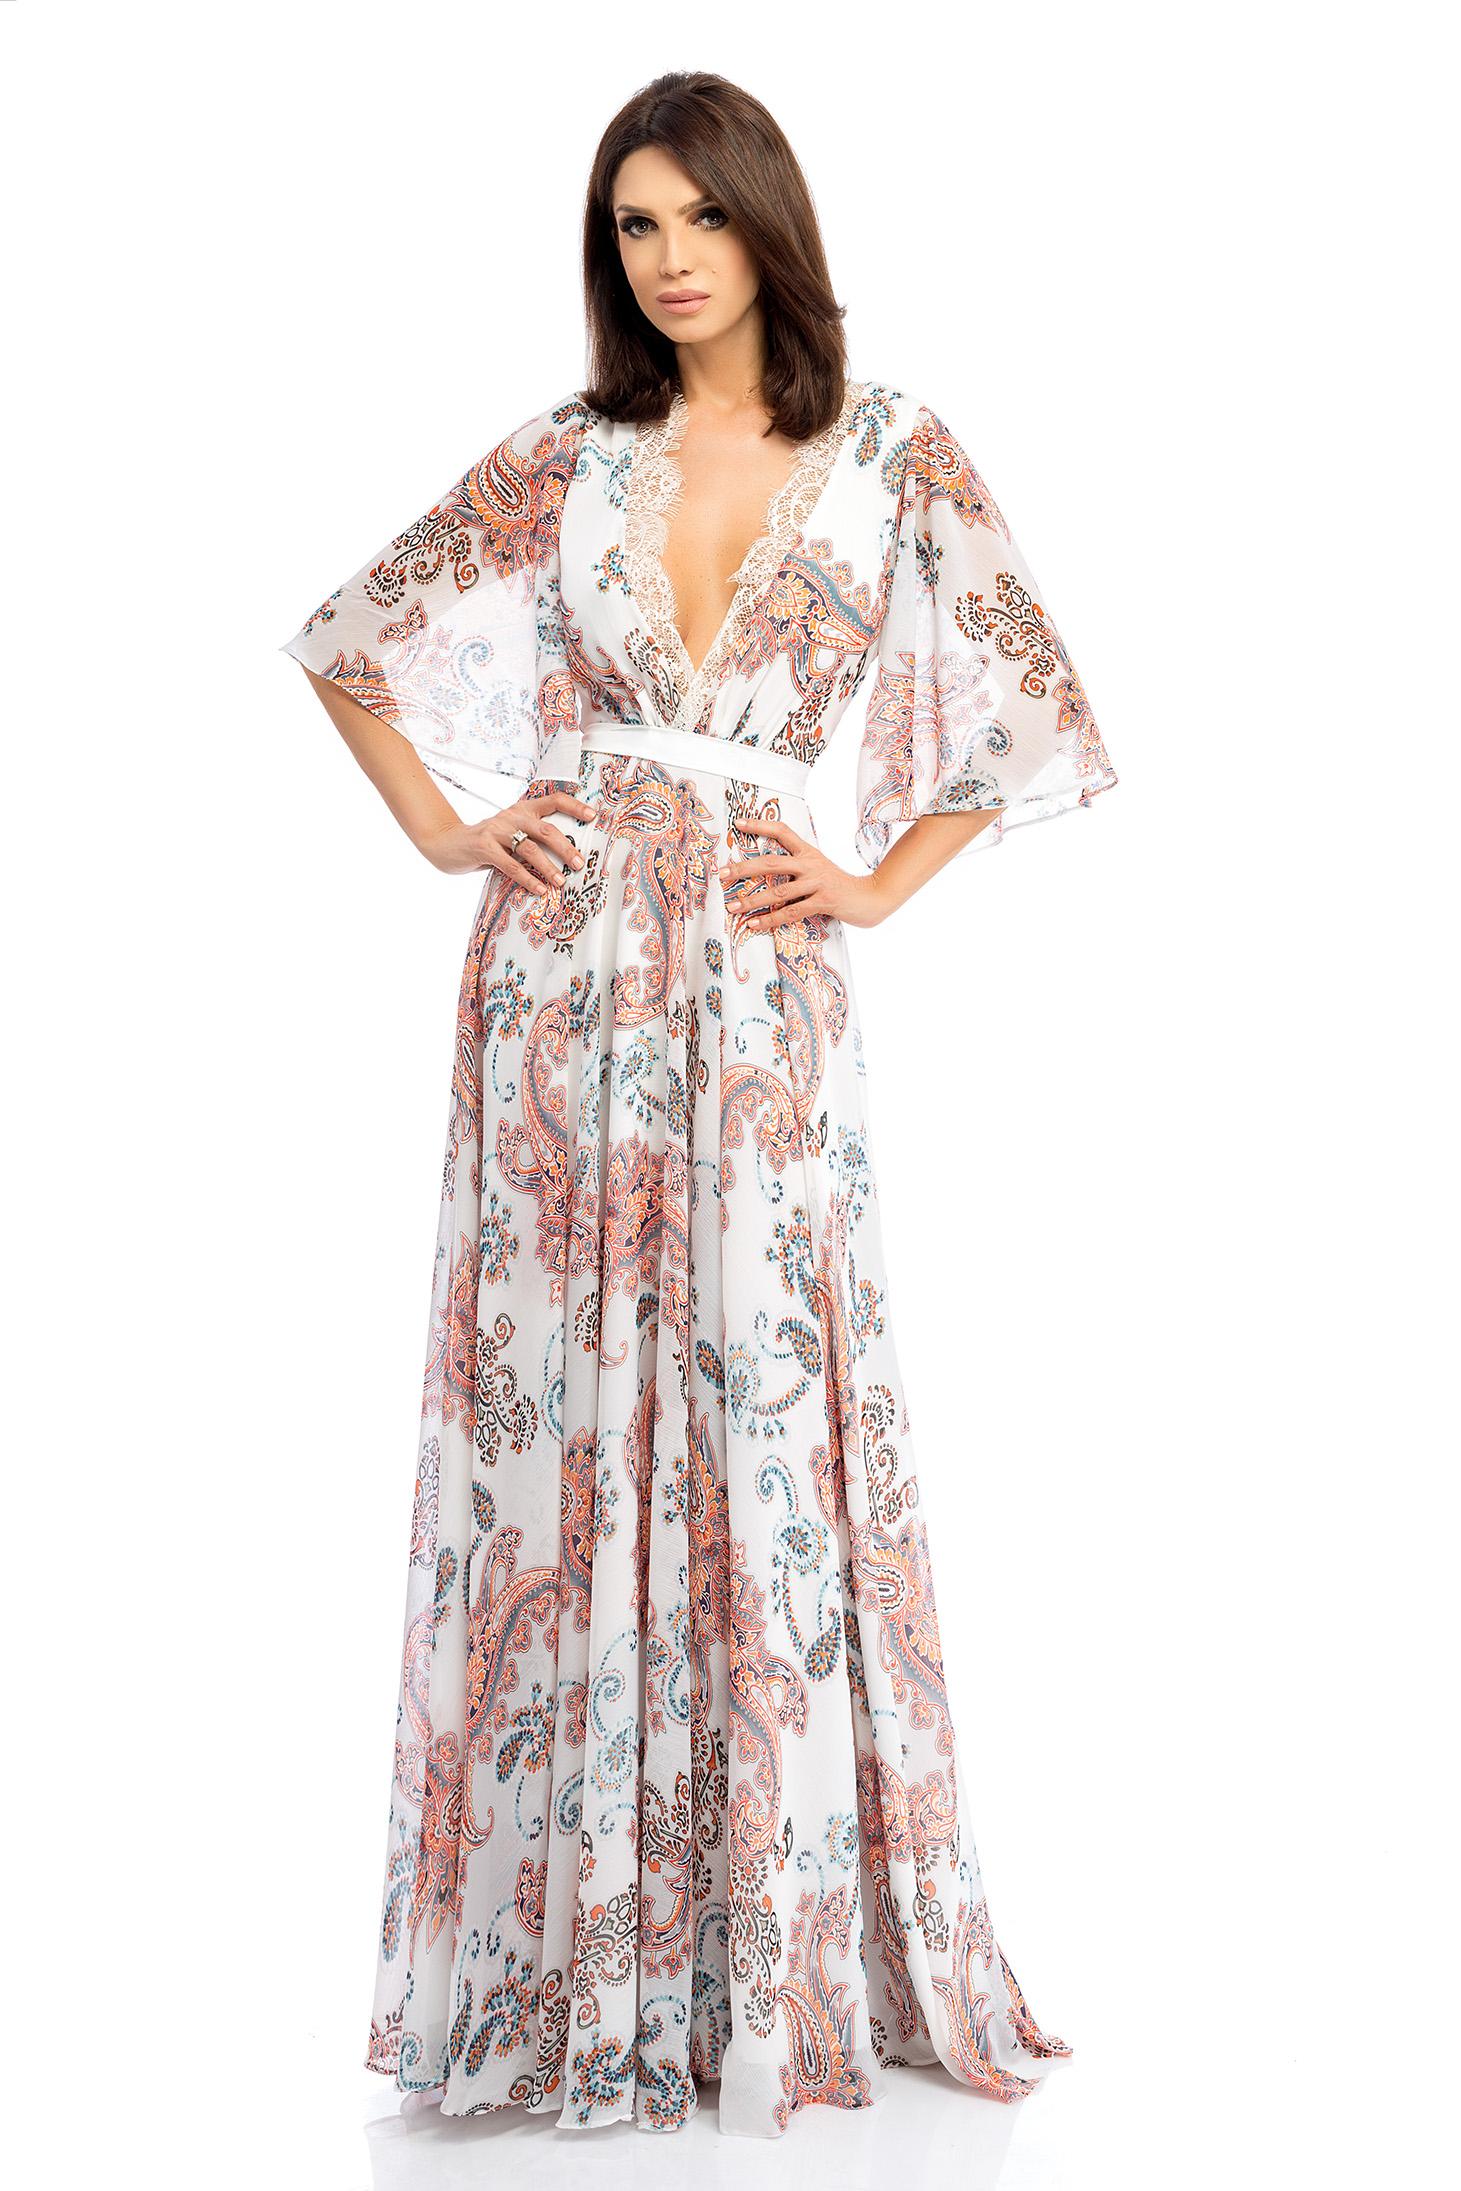 Rochie alba rochii maxi lunga din voal in clos cu decolteu adanc cu maneci tip fluture